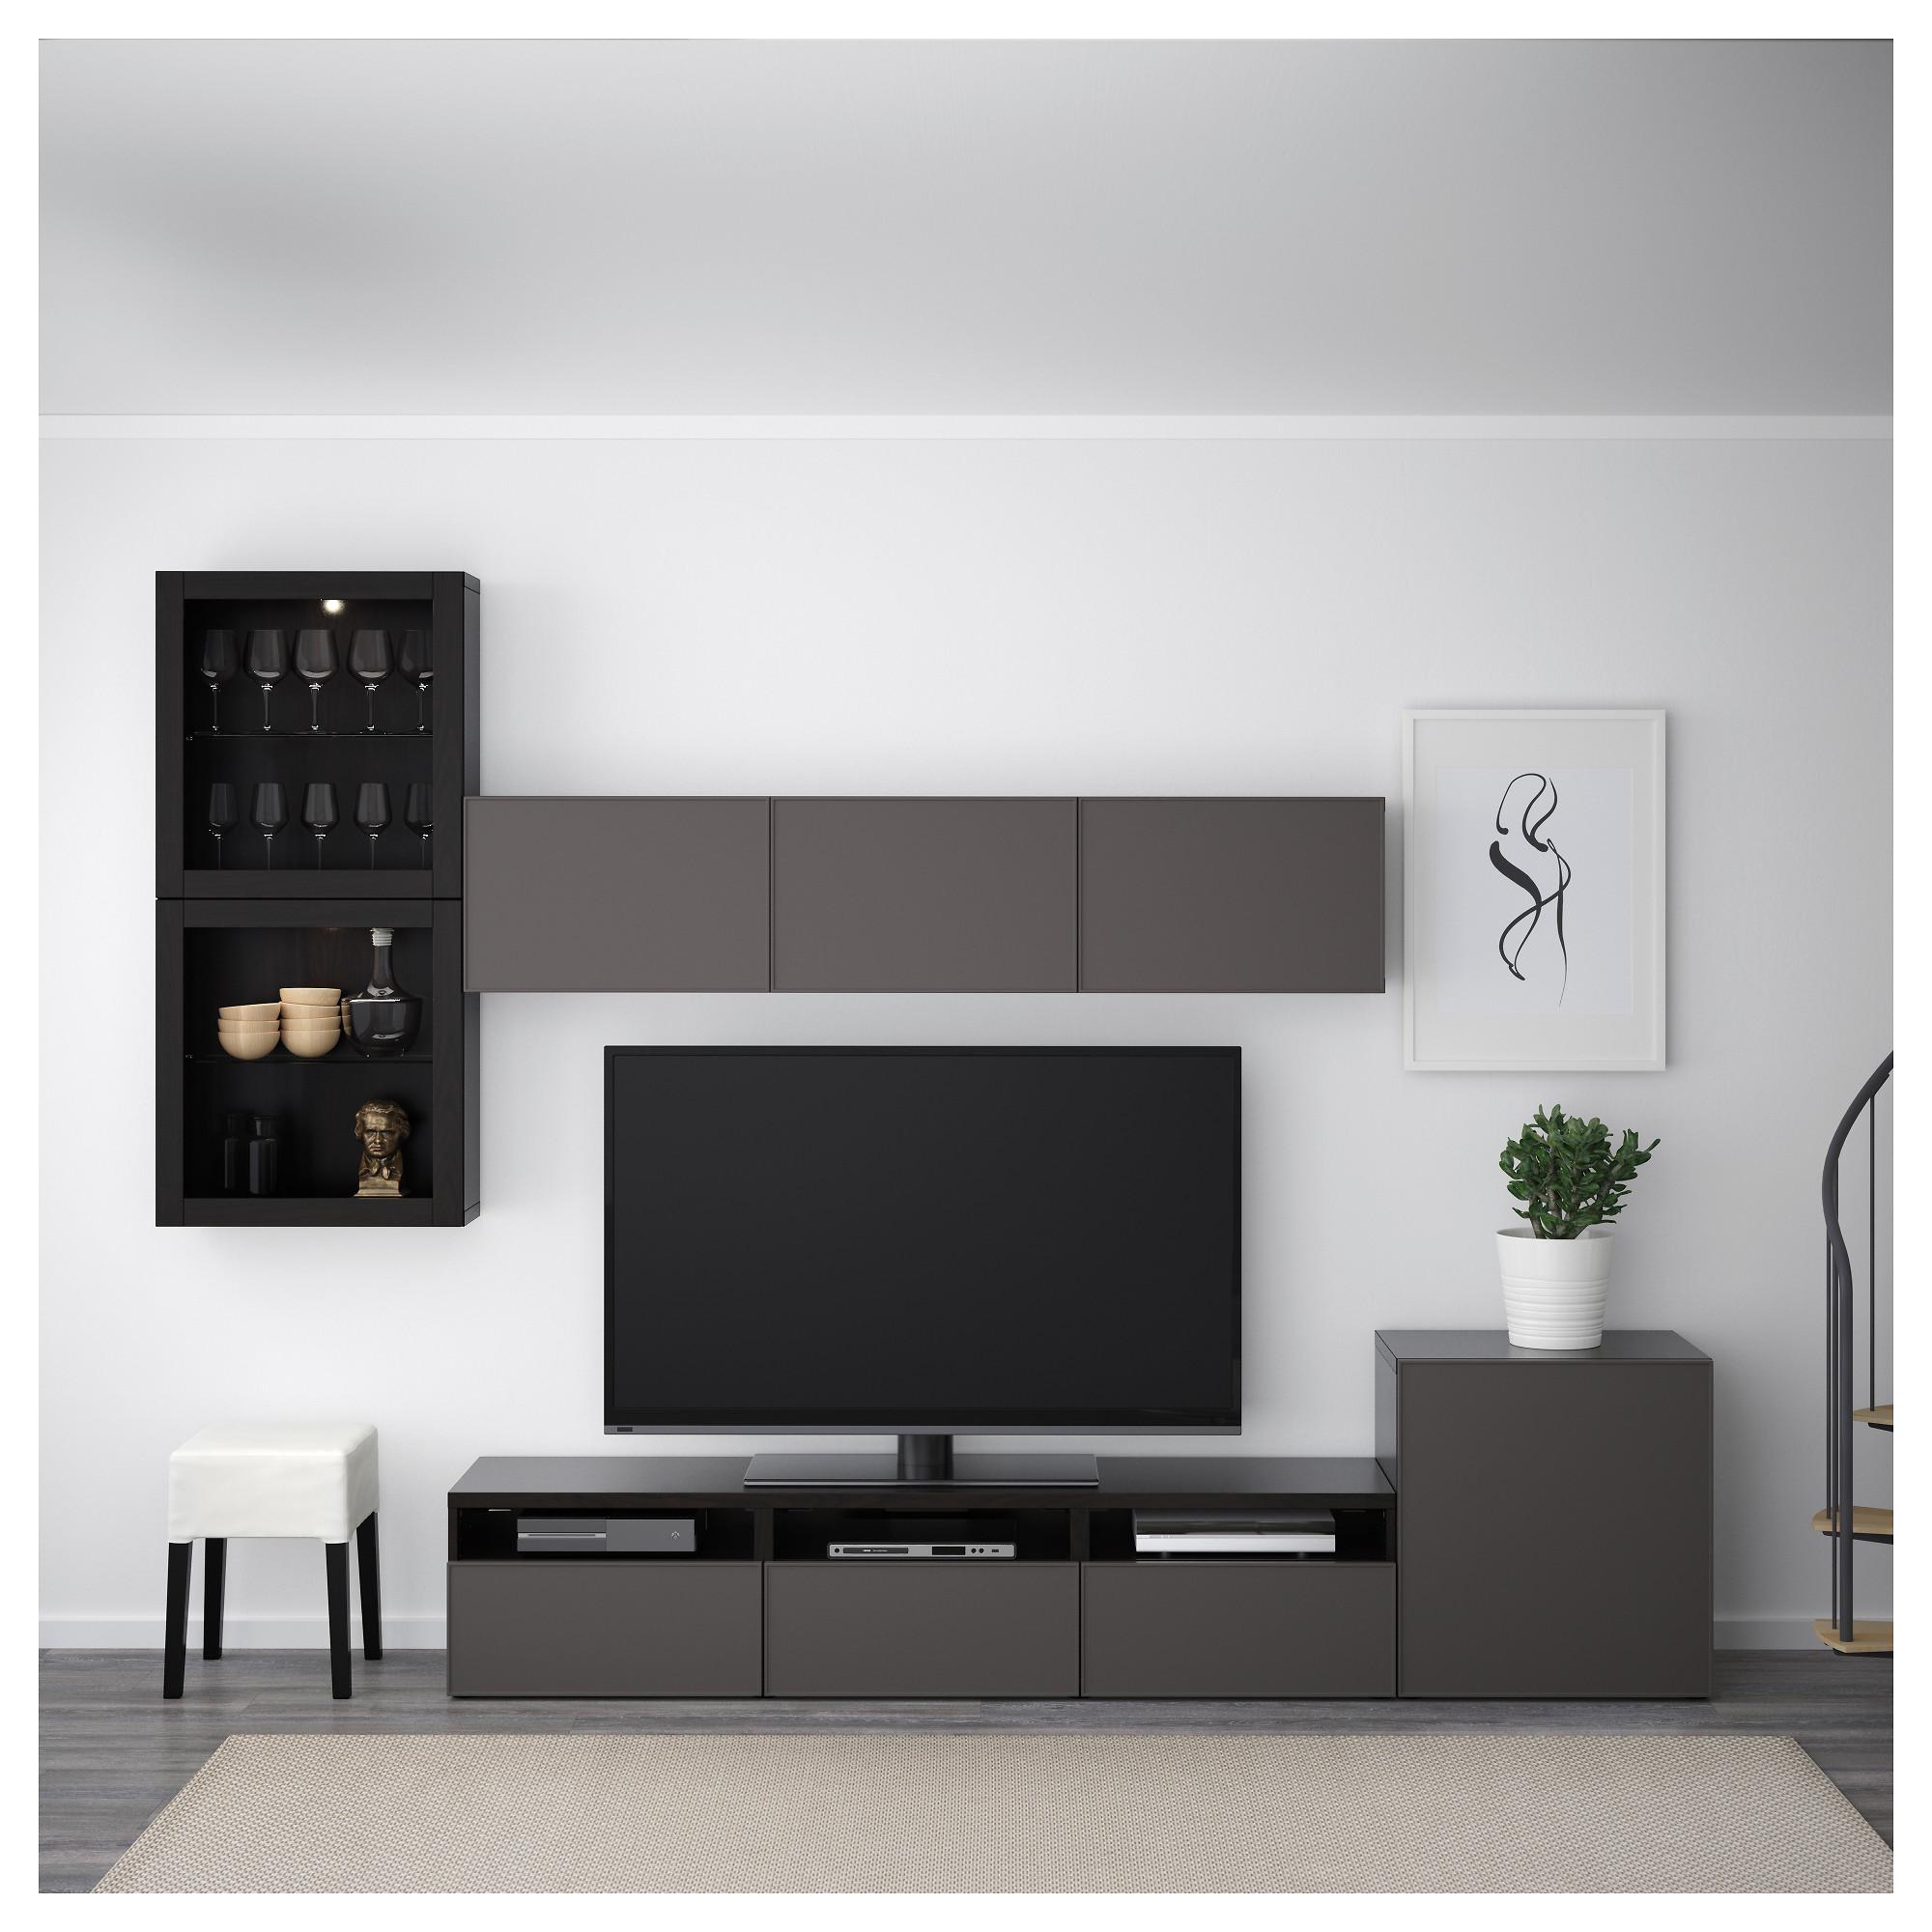 Шкаф для ТВ, комбинированный, стекляные дверцы БЕСТО артикуль № 792.522.12 в наличии. Интернет магазин IKEA РБ. Недорогая доставка и монтаж.